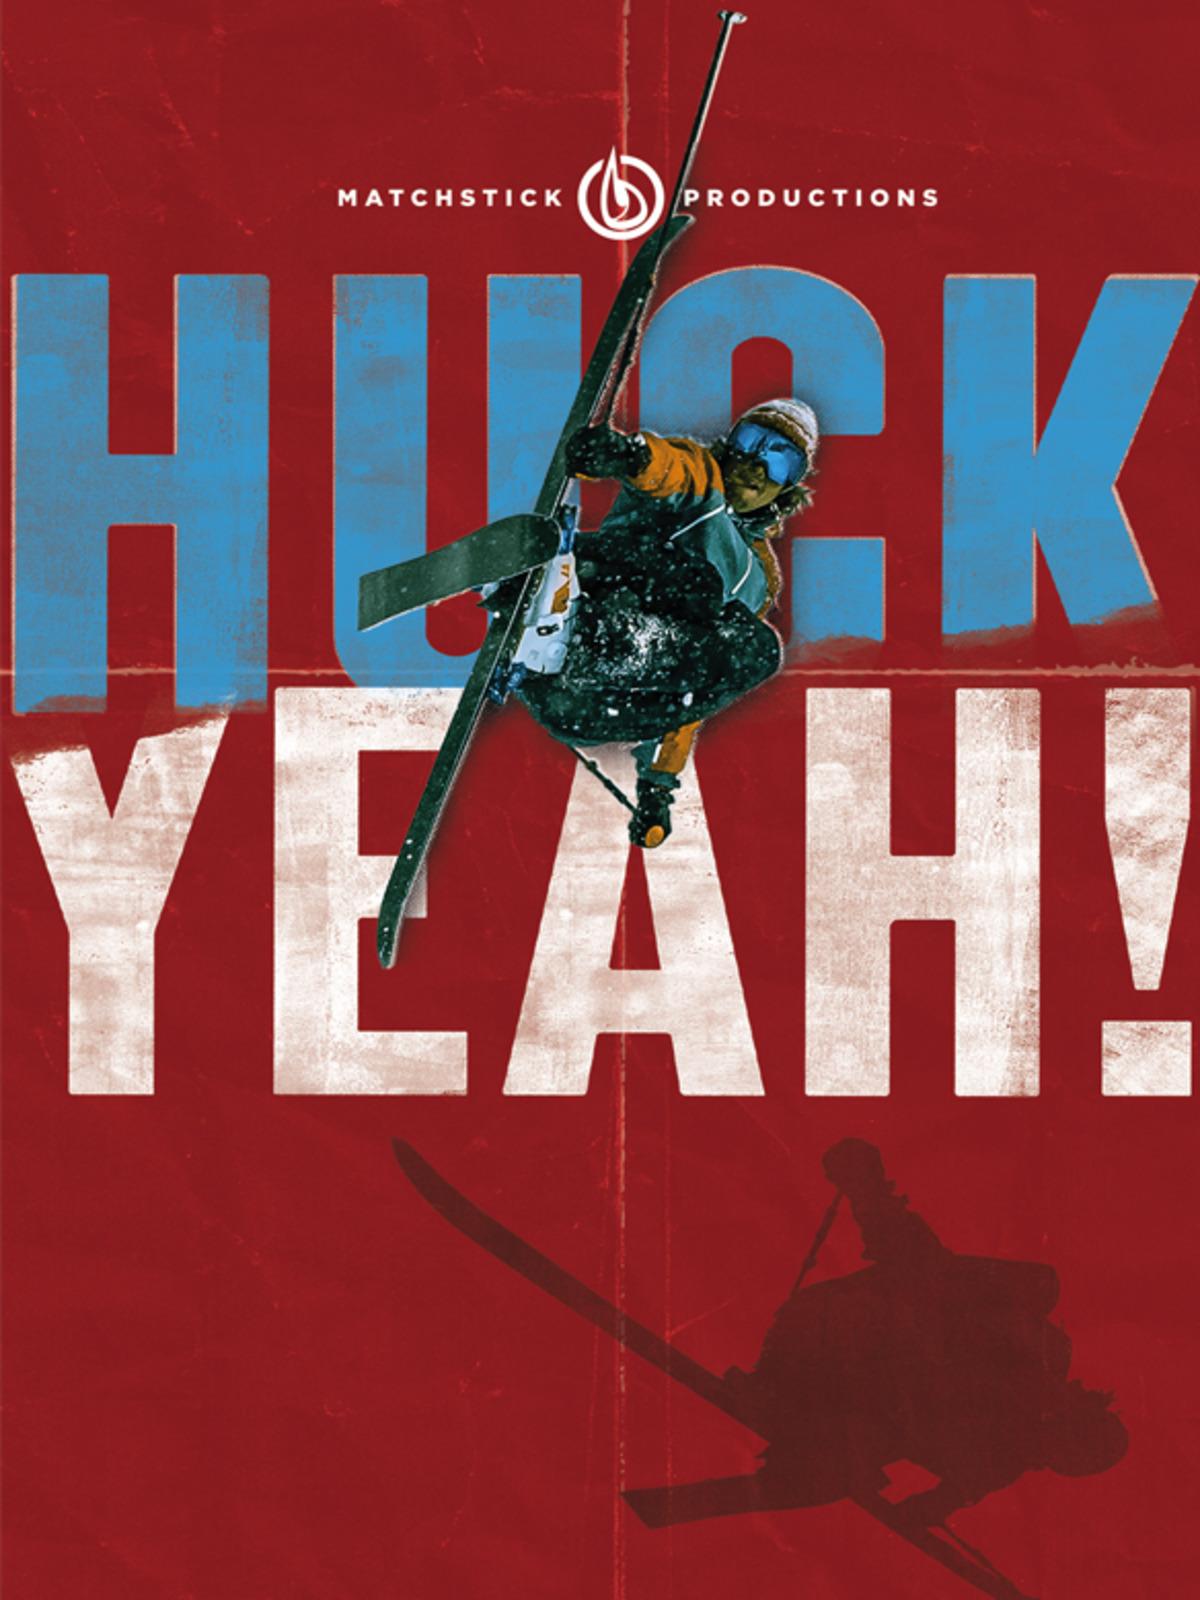 Huck Yeah!